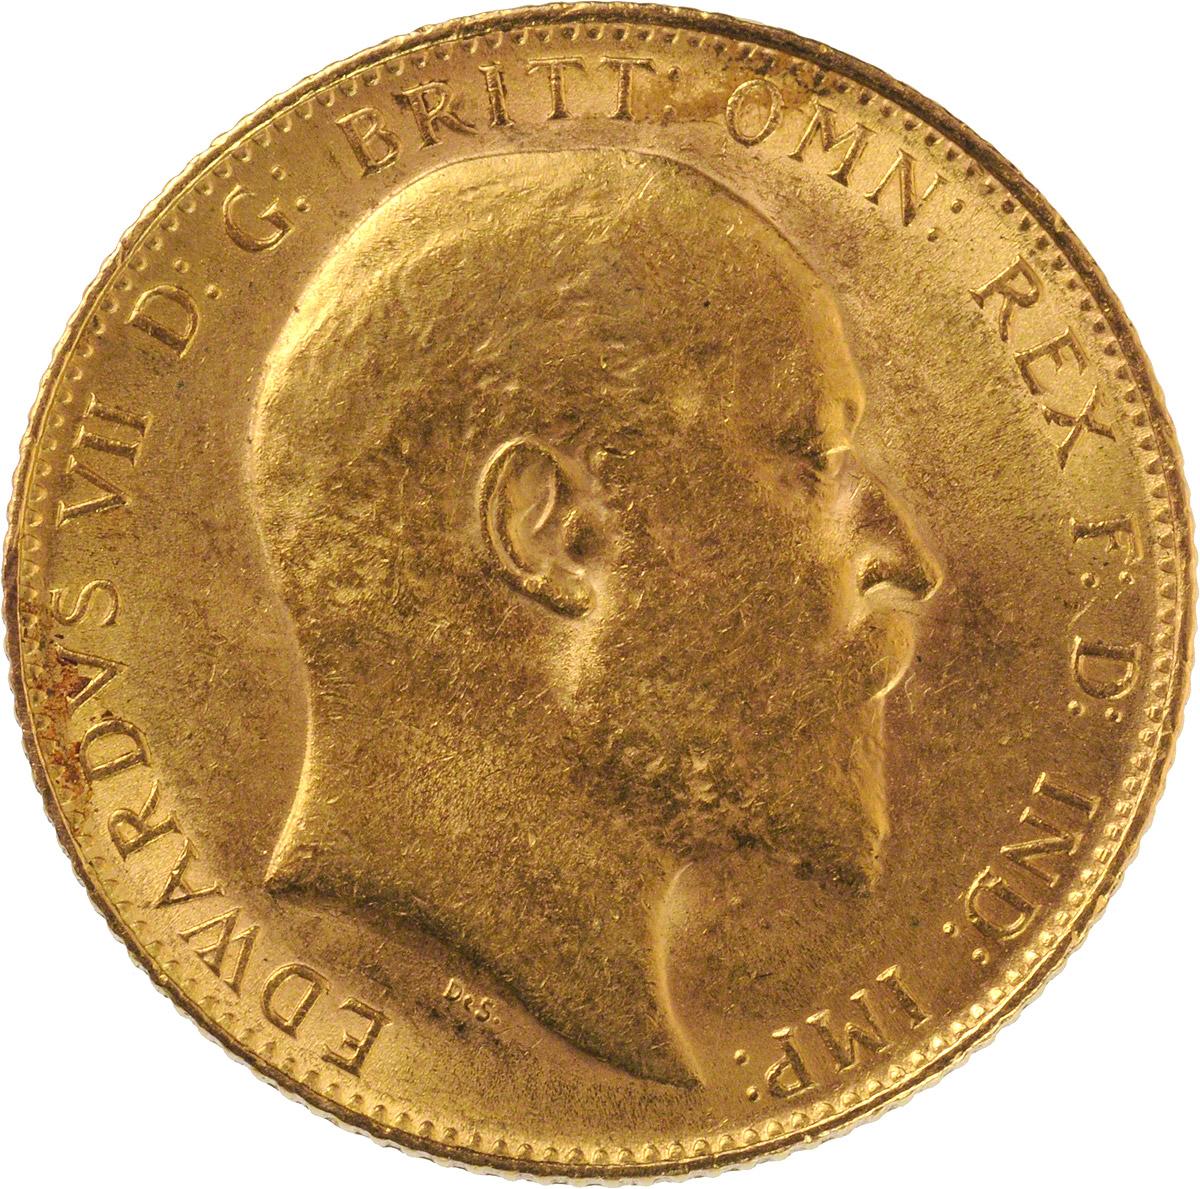 1909 Εδουάρδος Ζ' (Νομισματοκοπείο Λονδίνου)